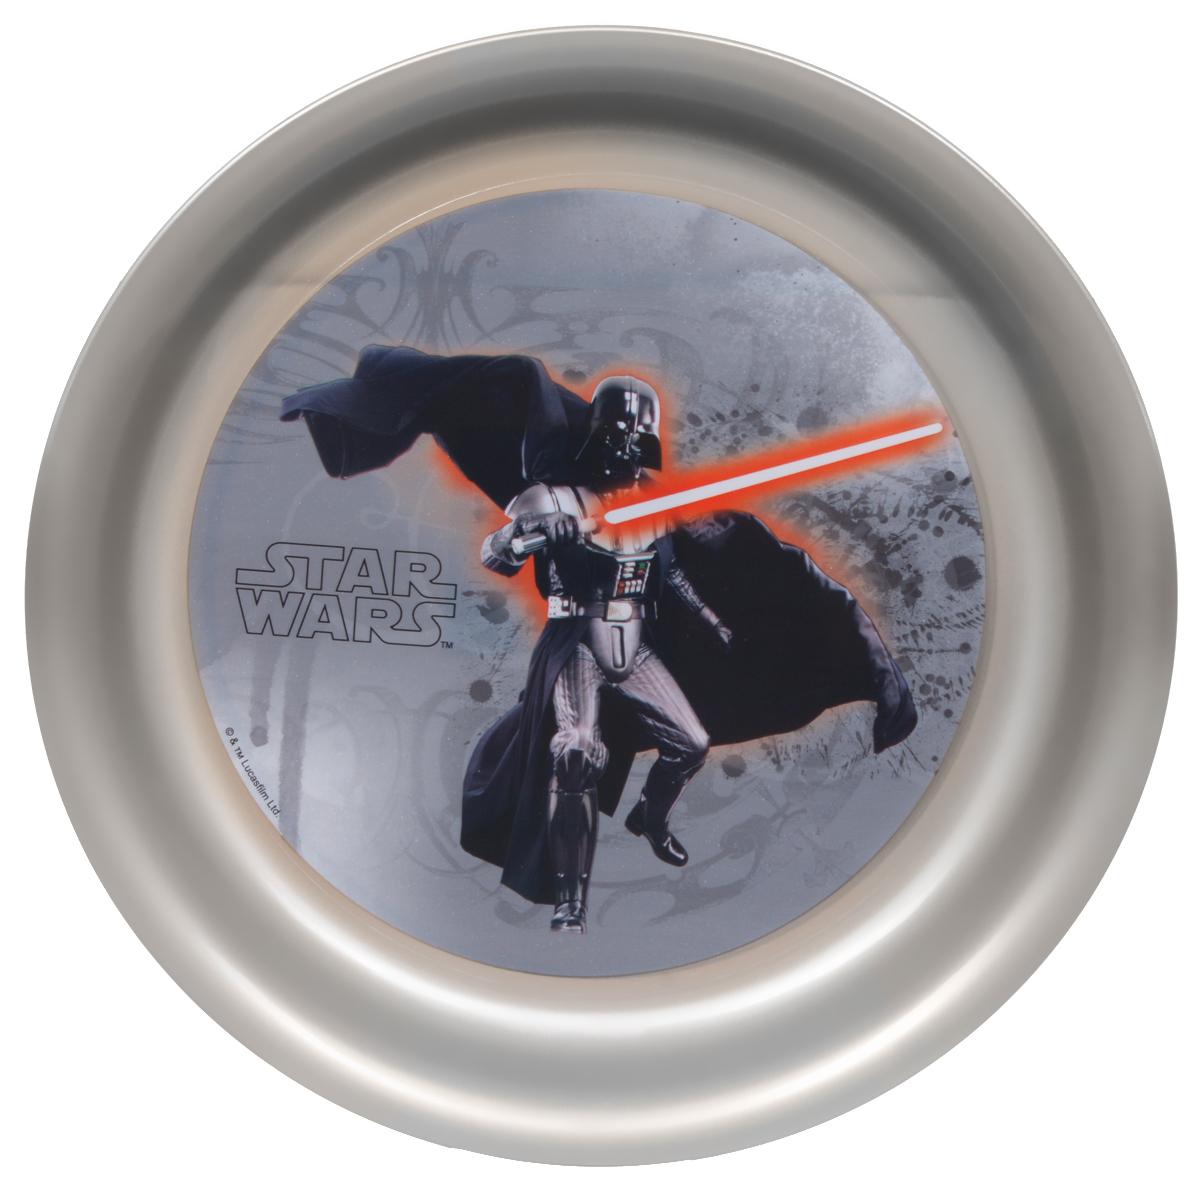 Star Wars Тарелка детская Дарт Вейдер диаметр 19 см78365Детская тарелка Star Wars Дарт Вейдер станет отличным подарком для любого фаната знаменитой саги. Она выполнена из полипропилена и оформлена рисунком с изображением Дарта Вейдера. Диаметр тарелки: 19 см. Не подходит для использования в посудомоечной машине и СВЧ-печи.